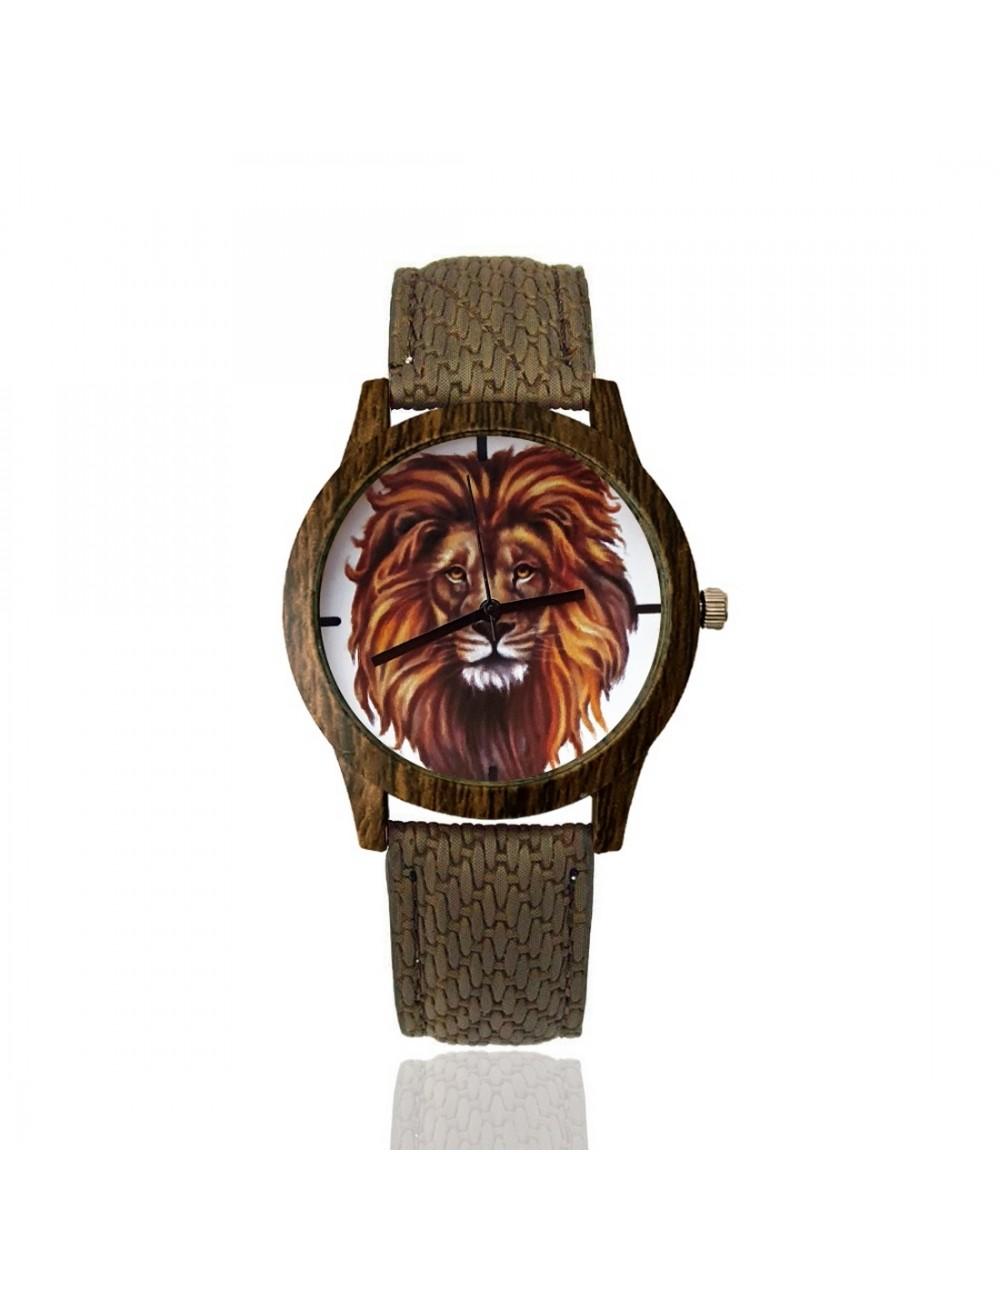 Reloj León Dayoshop 41,900.00